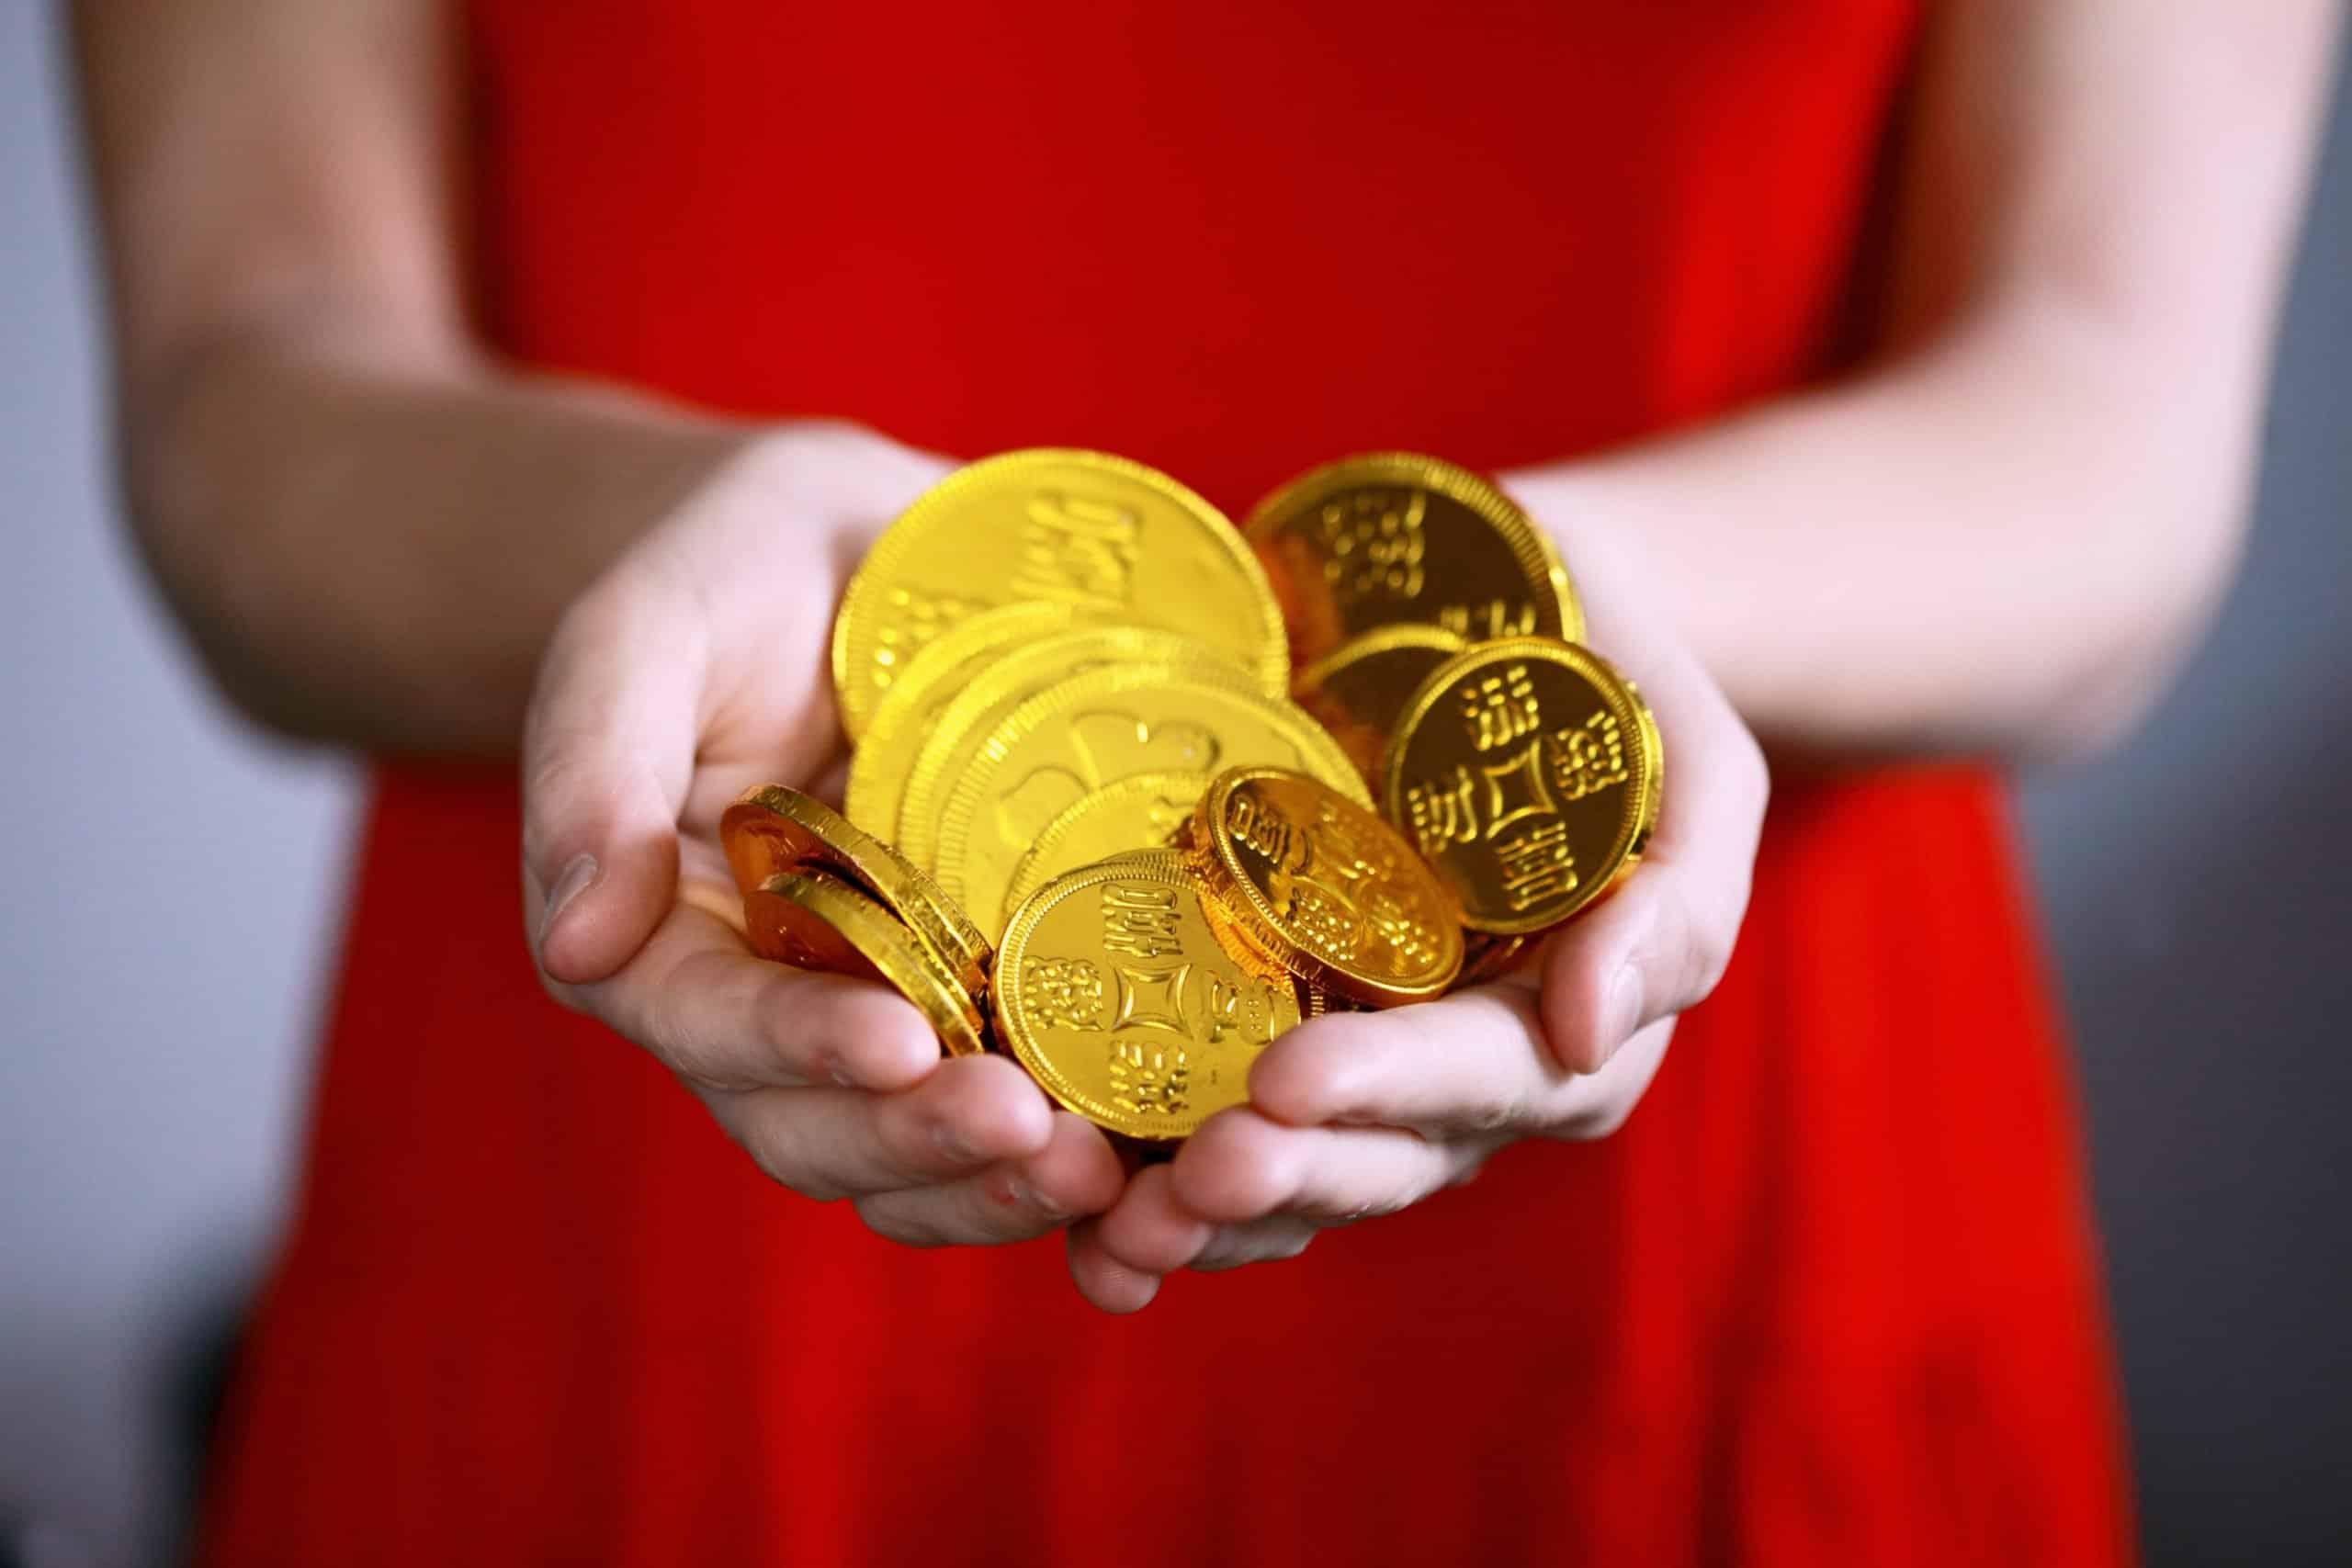 kā nopelnīt naudu apmaiņas pārskatos kurš patiešām nopelnīja bitkoinu